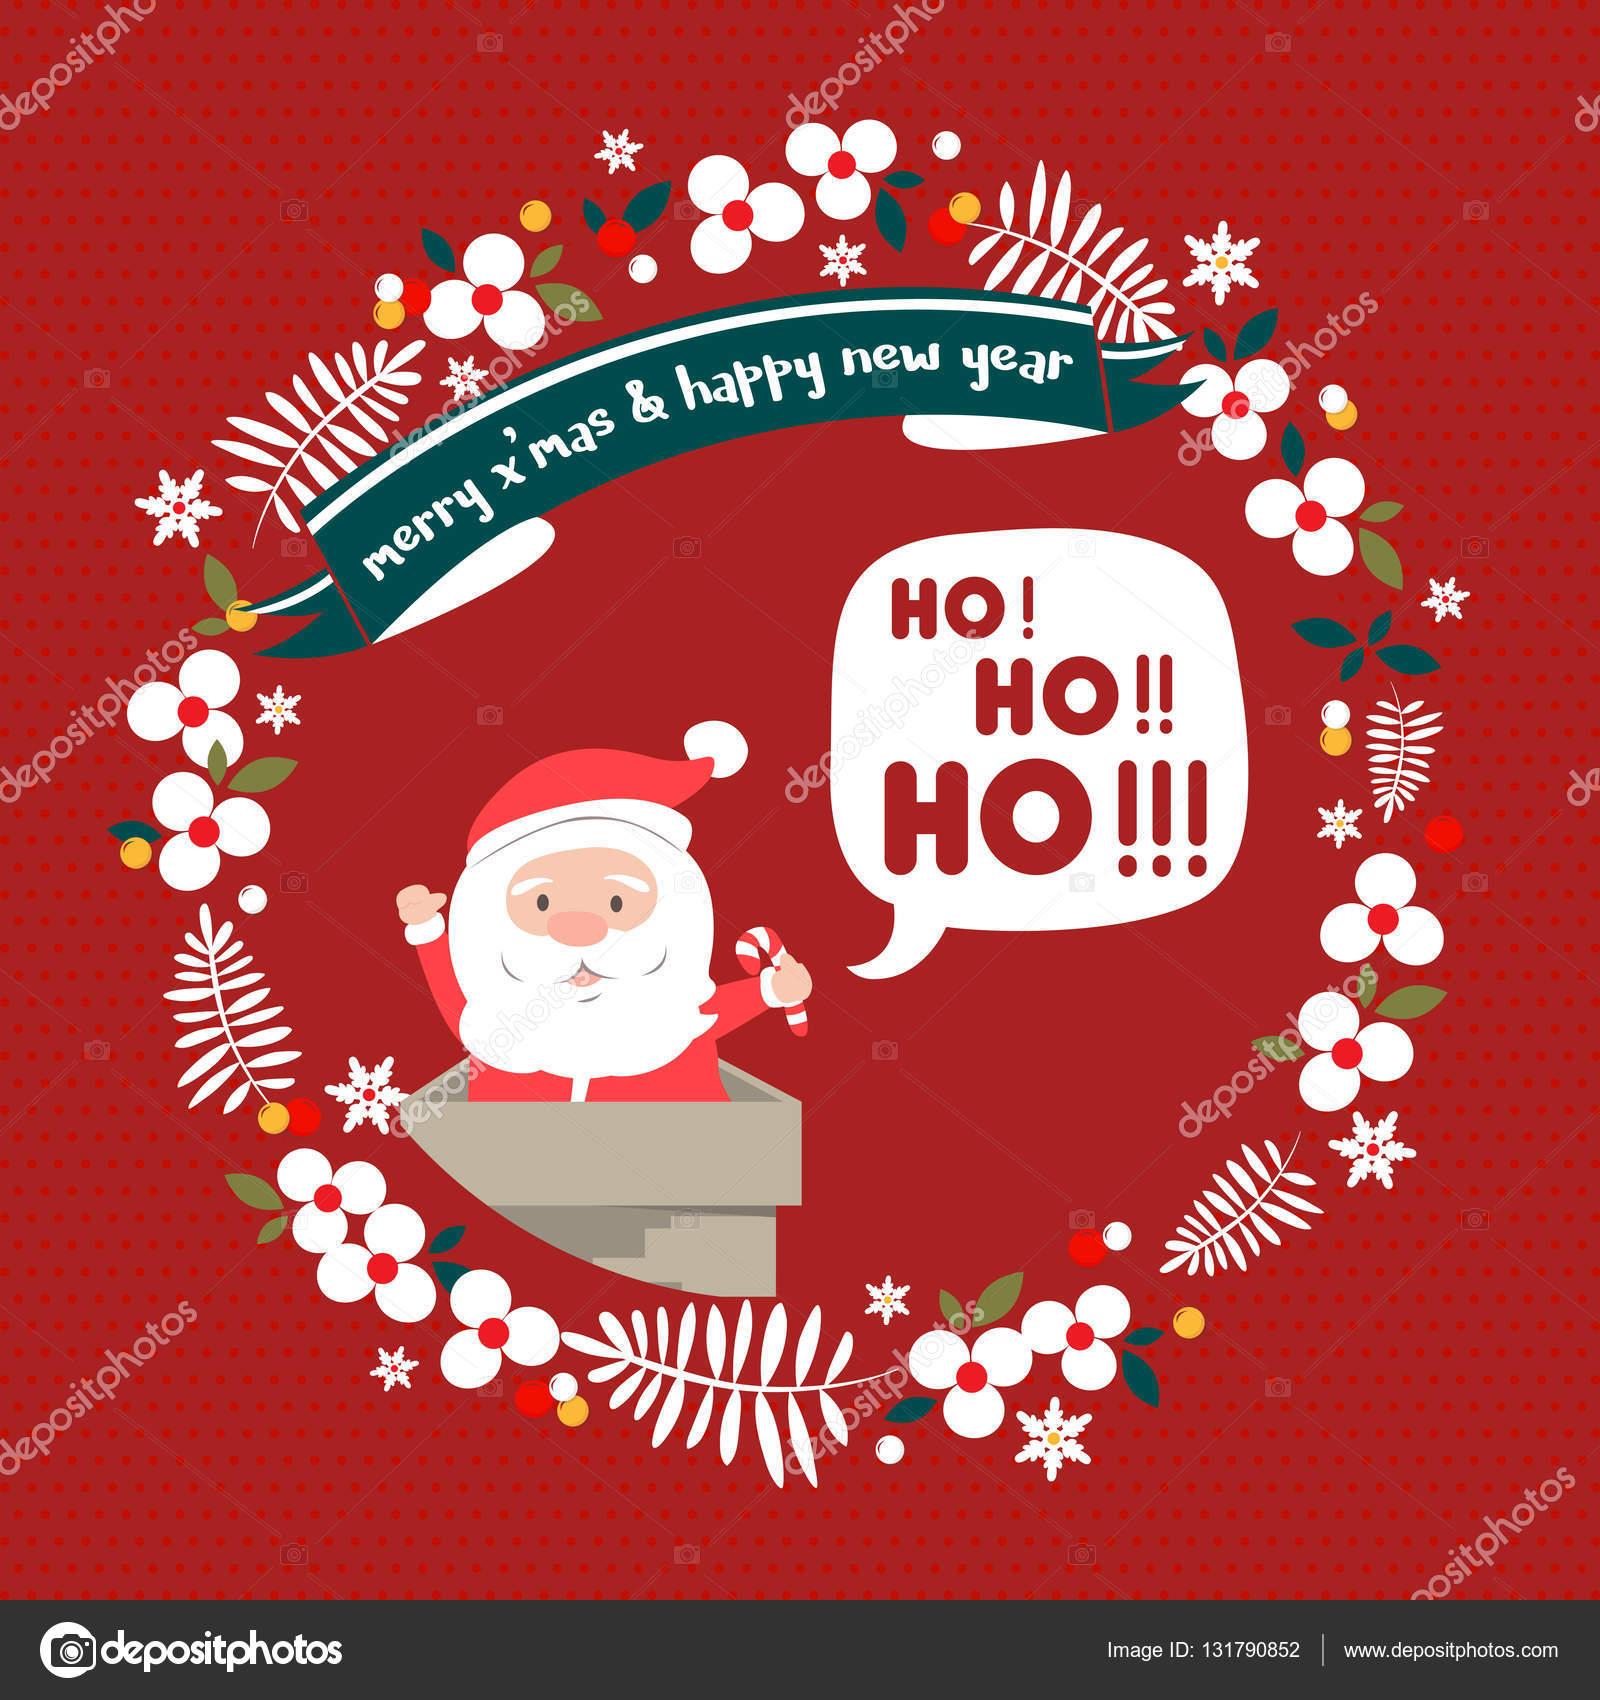 Ho Ho Ho Frohe Weihnachten.Frohe Weihnachten Grusskarte Santa Hohoho Stockvektor